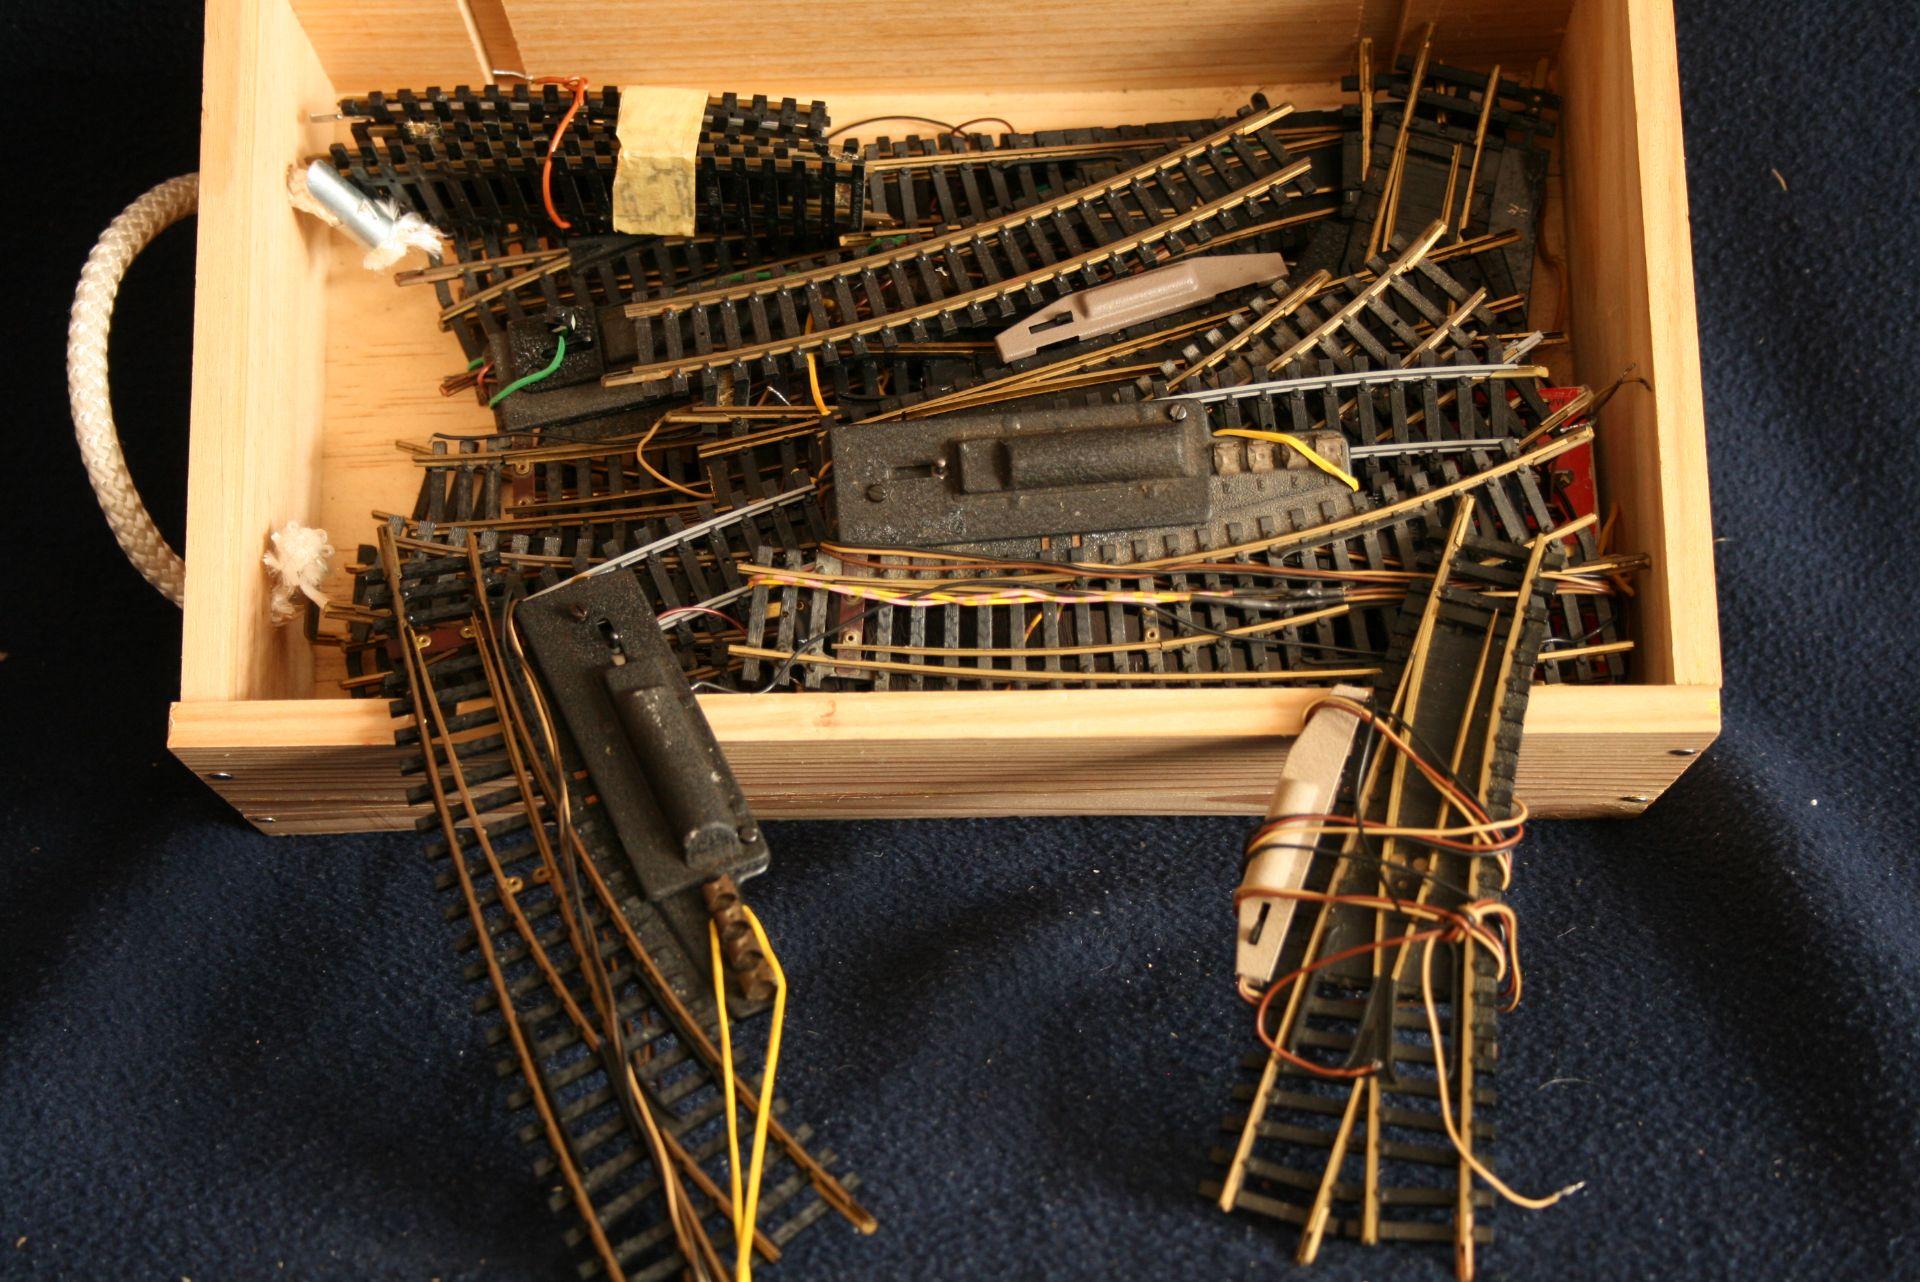 Los 18 - Une boîte d'aiguillages et de rails - - A box of turnouts and rails - - Eine Kiste [...]